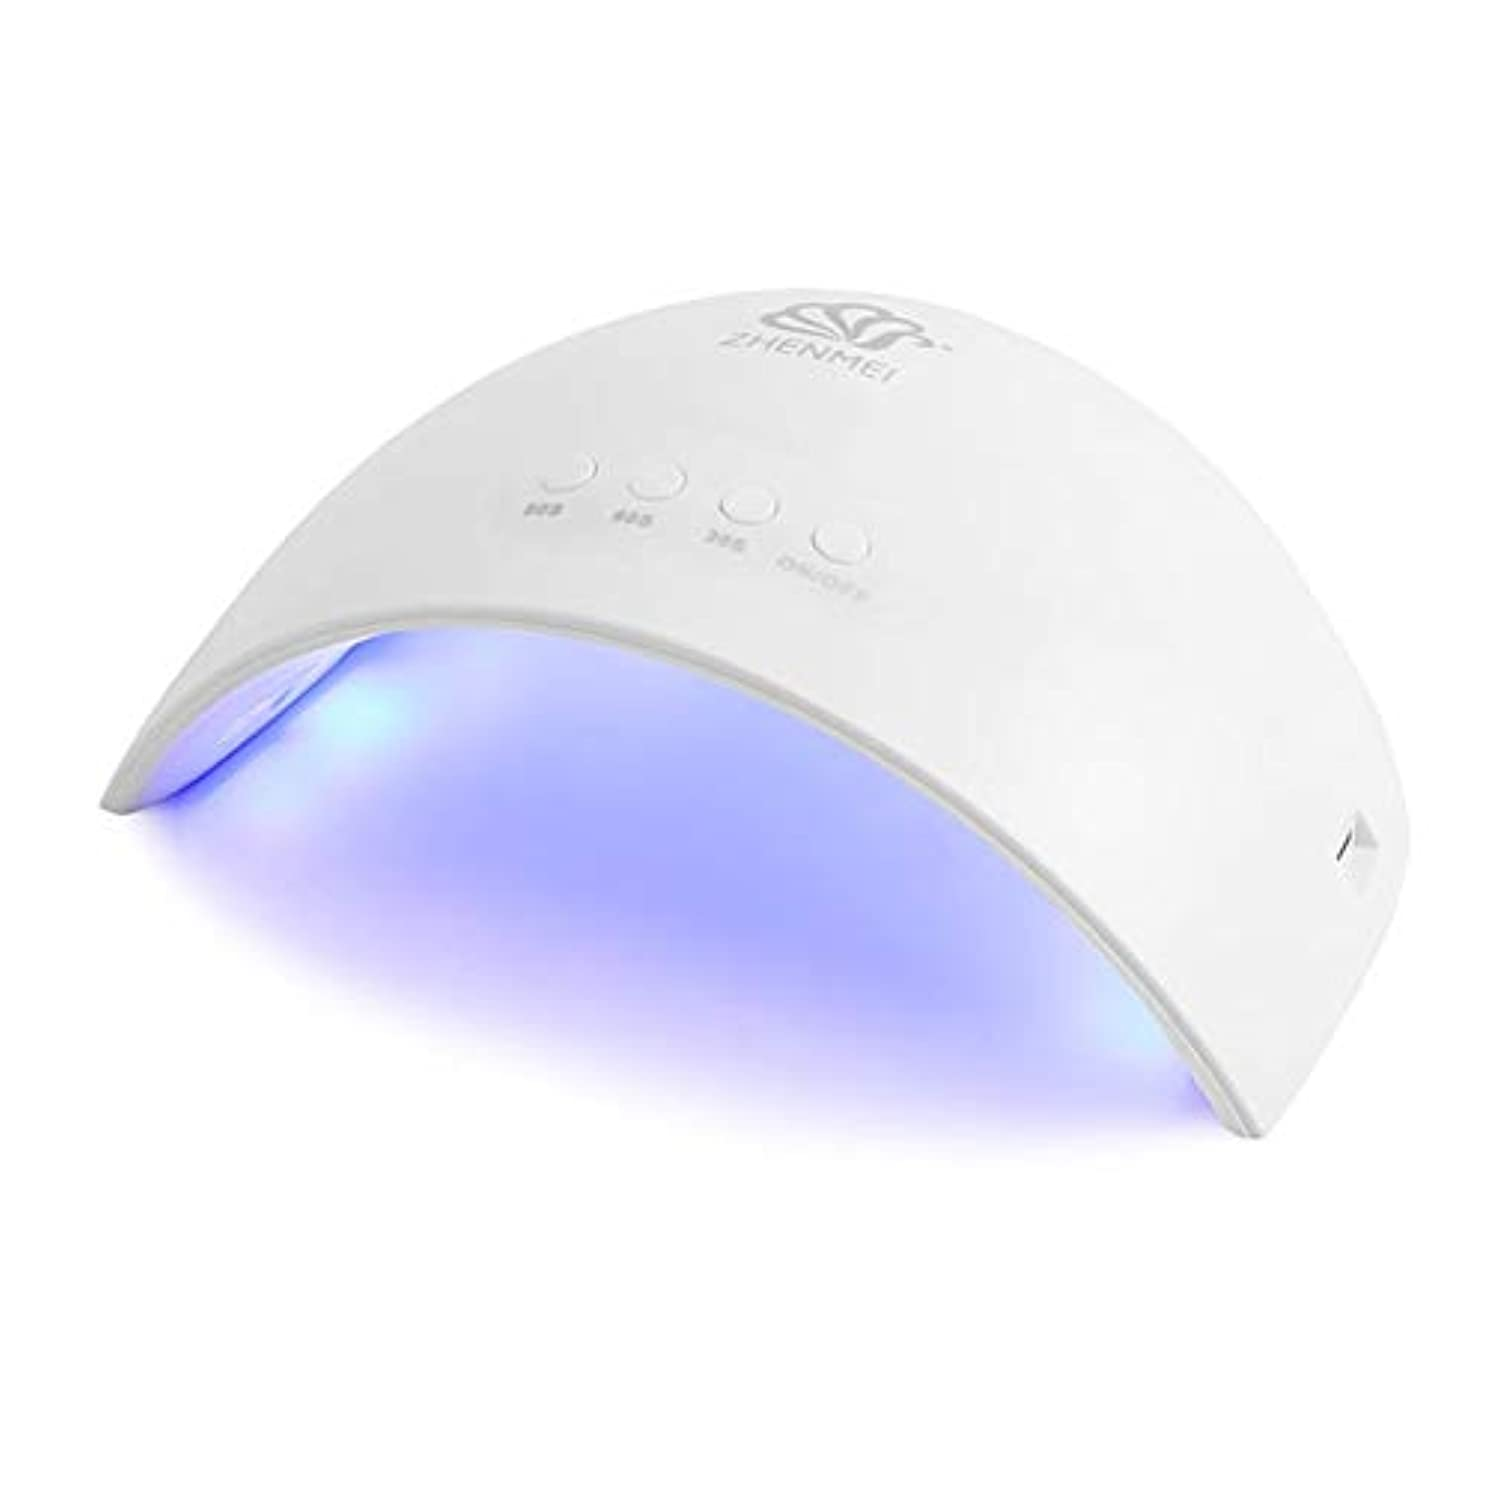 活気づけるビリーヤギ匹敵しますCheiss UVライト LEDネイルドライヤー ジェルネイルLEDライト 硬化ライト タイマーマニキュア乾燥ツール 爪&足首用 設定可能 折りたたみ 人感センサー式